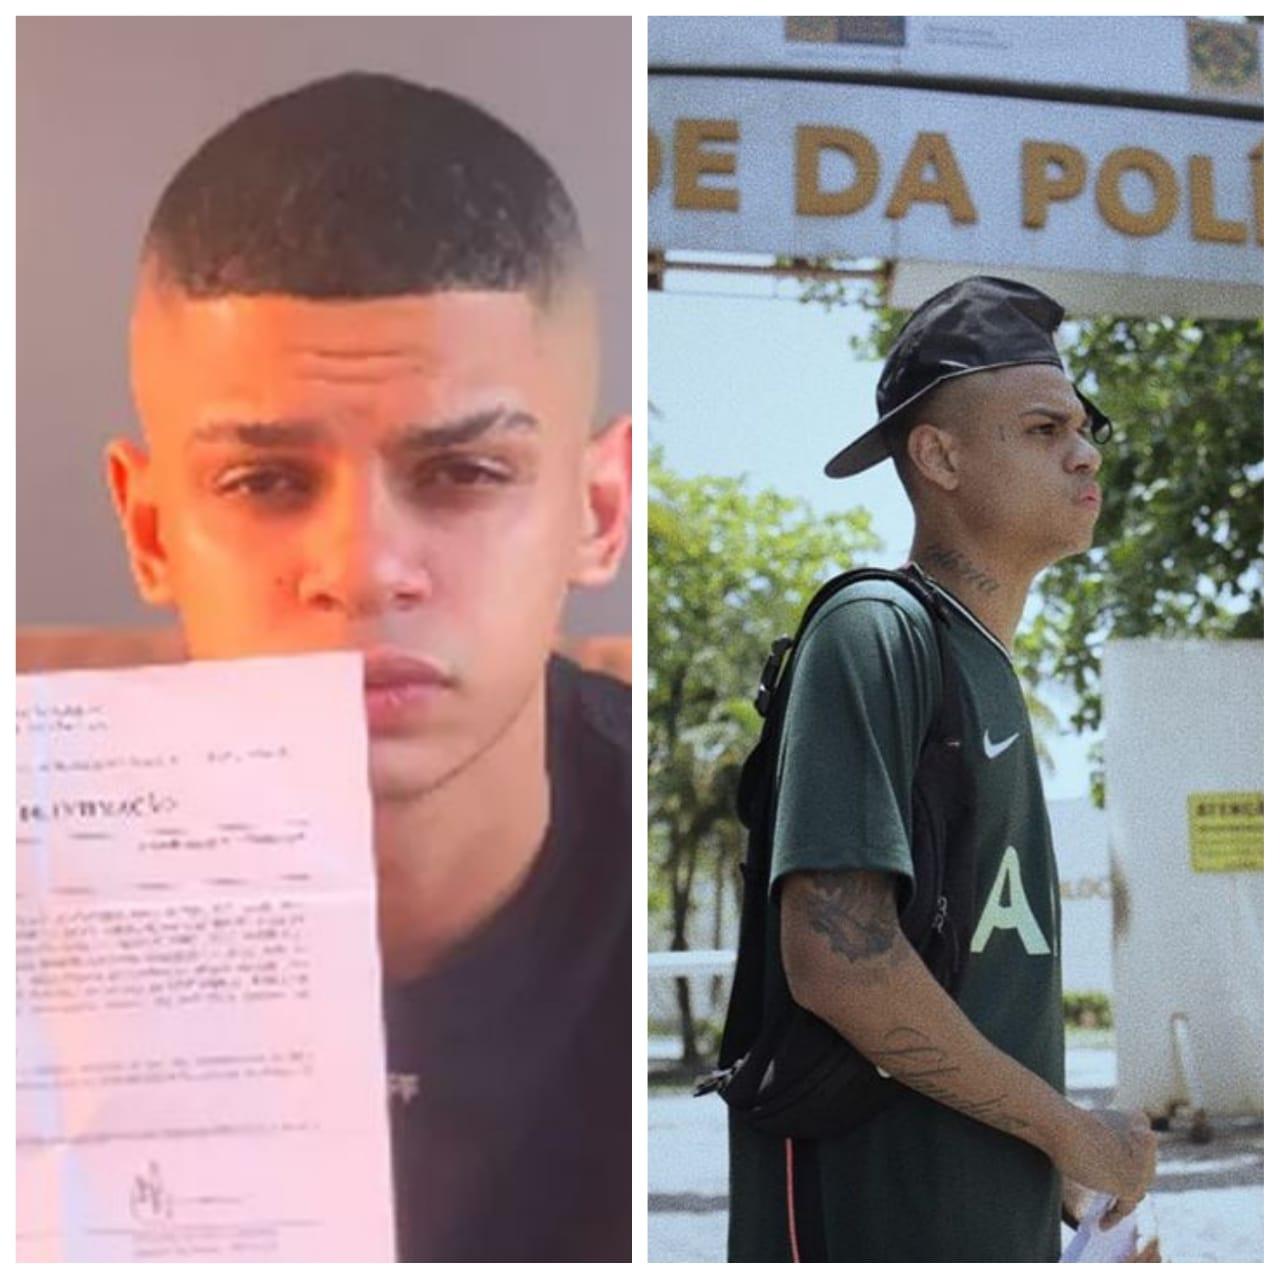 MCs cariocas são acusados pela polícia de apologia ao crime